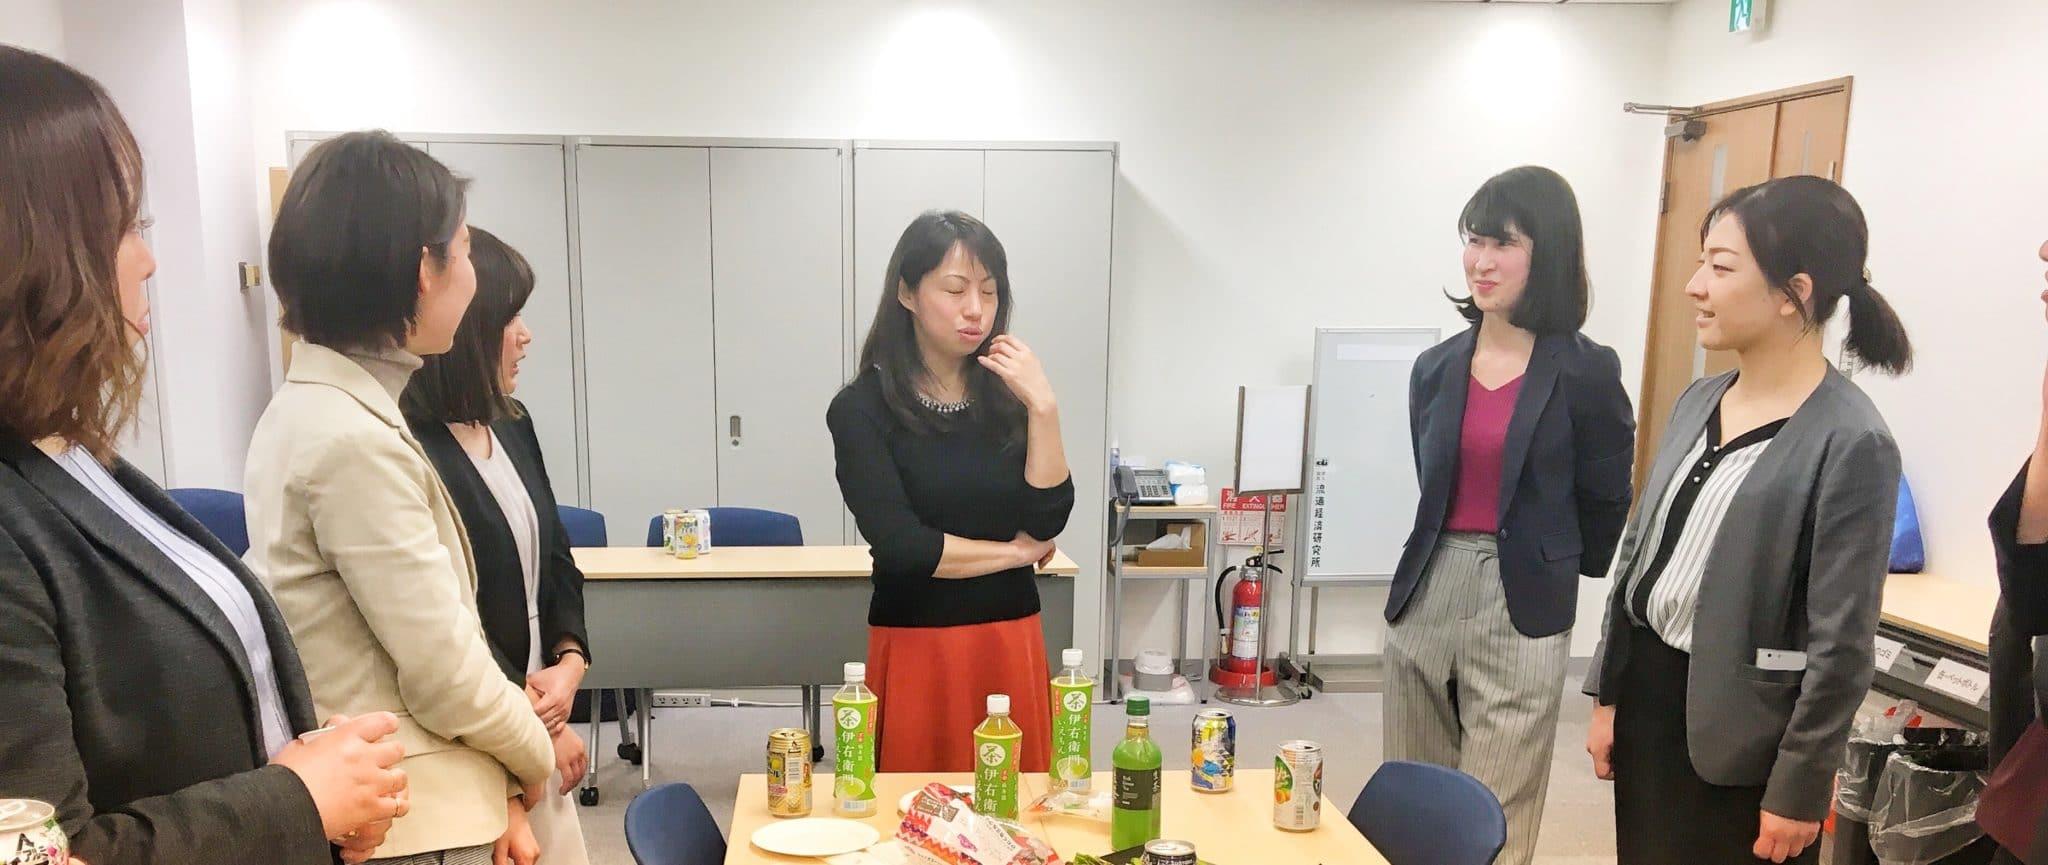 株式会社work F-style ワークエフスタイル 研修導入事例 流研共同開催女性営業